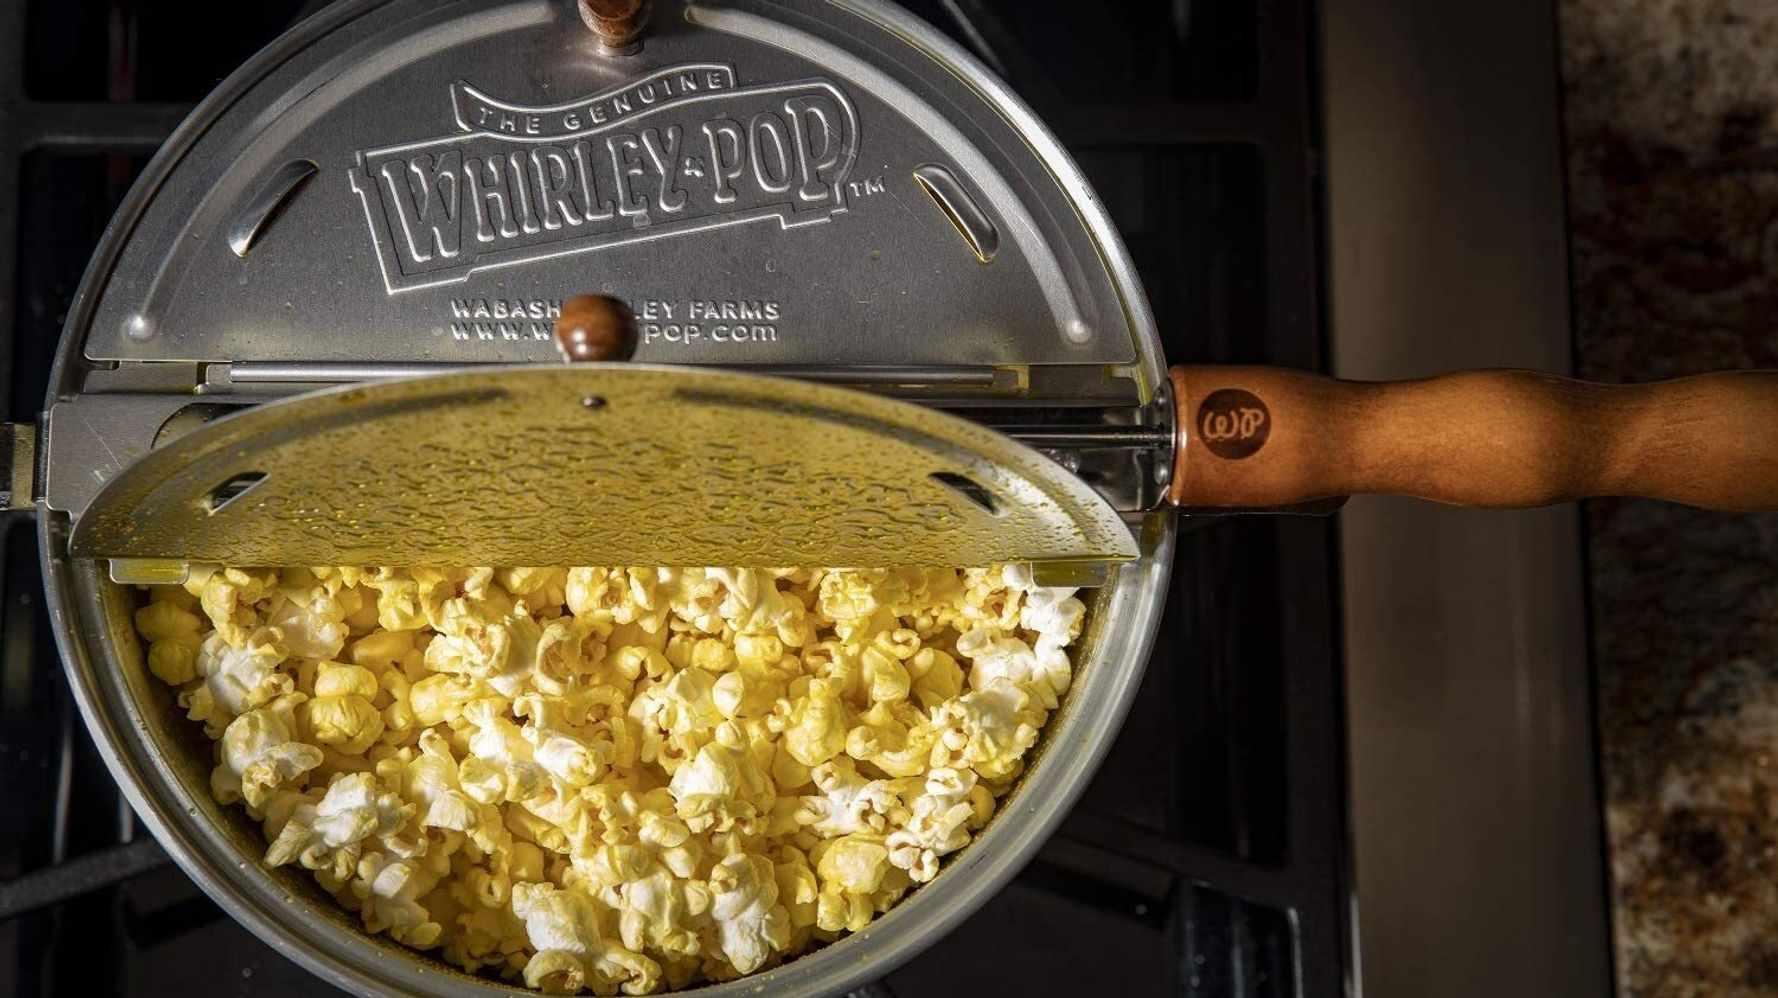 popcorn stovetop bag substances microwaved